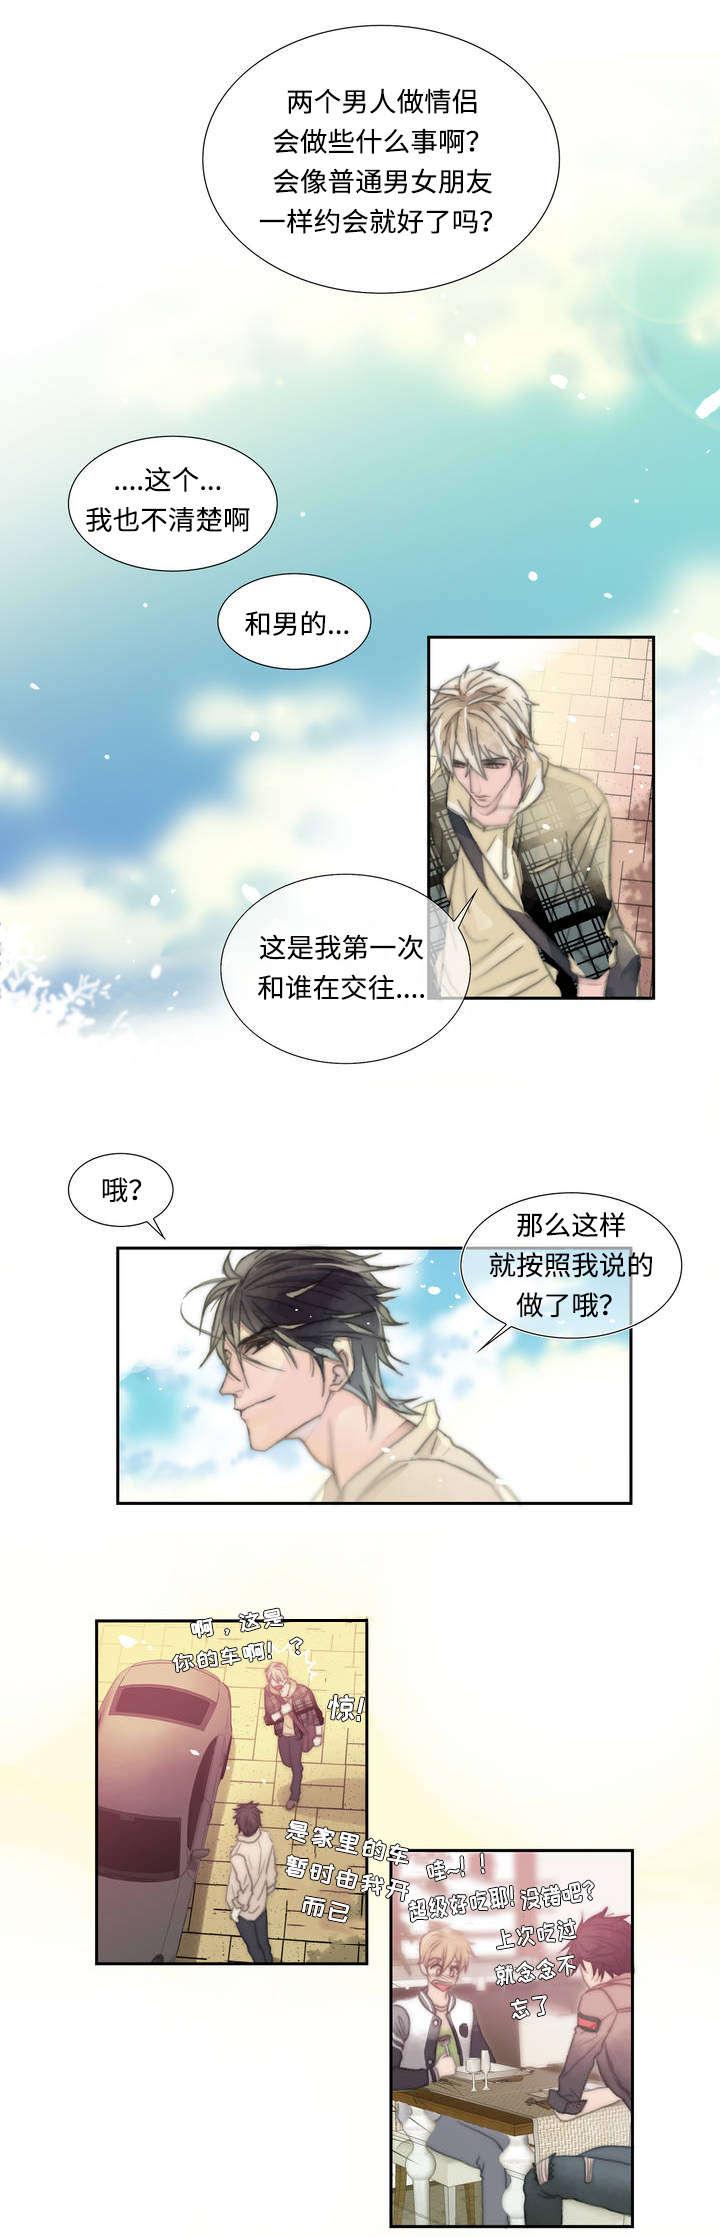 王族的男侍-漫画免费阅读_完整版汉化资源(已完结)-啵乐漫画